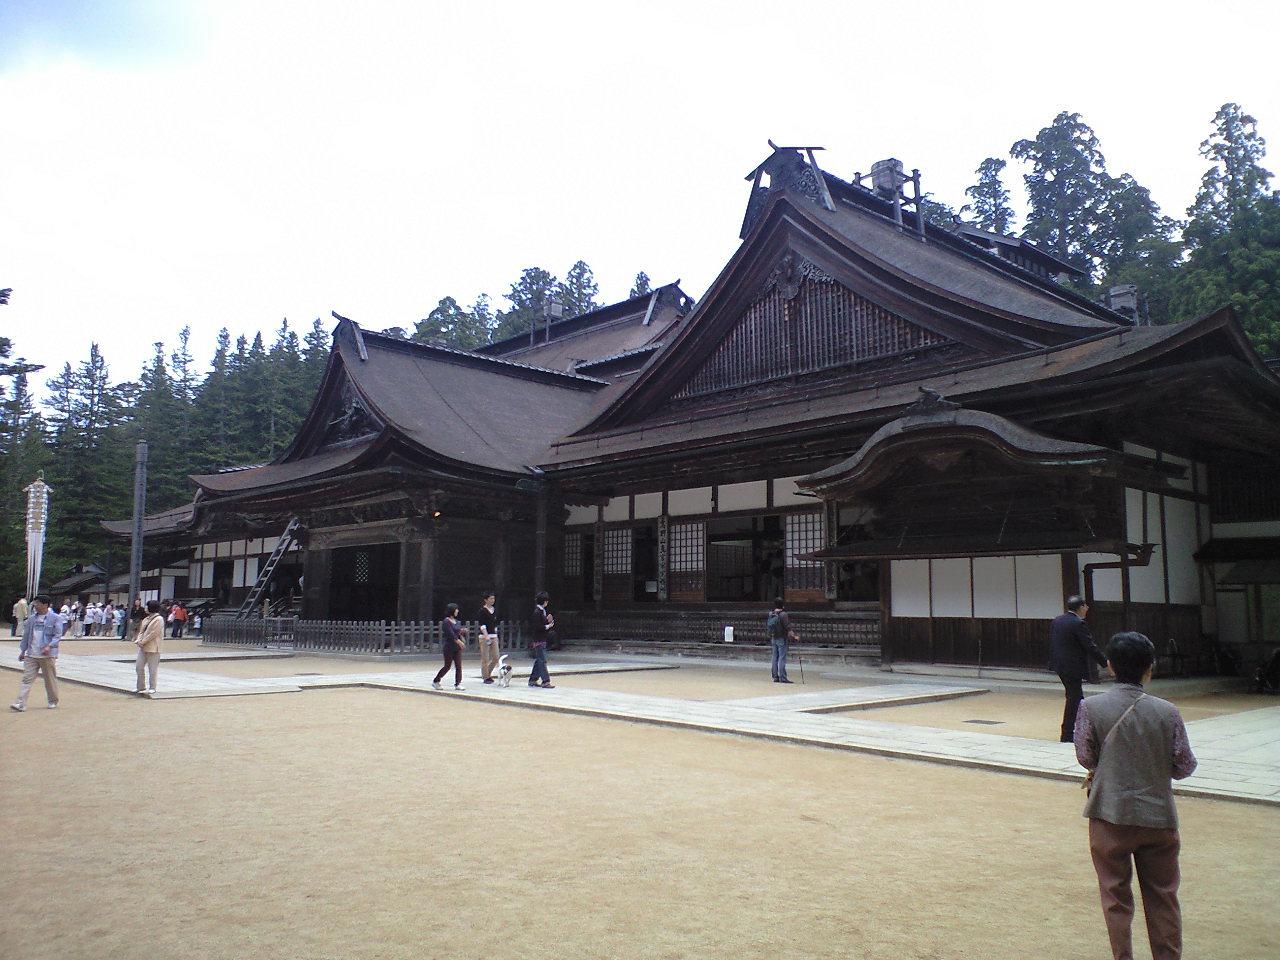 高野山 総本山金剛峯寺